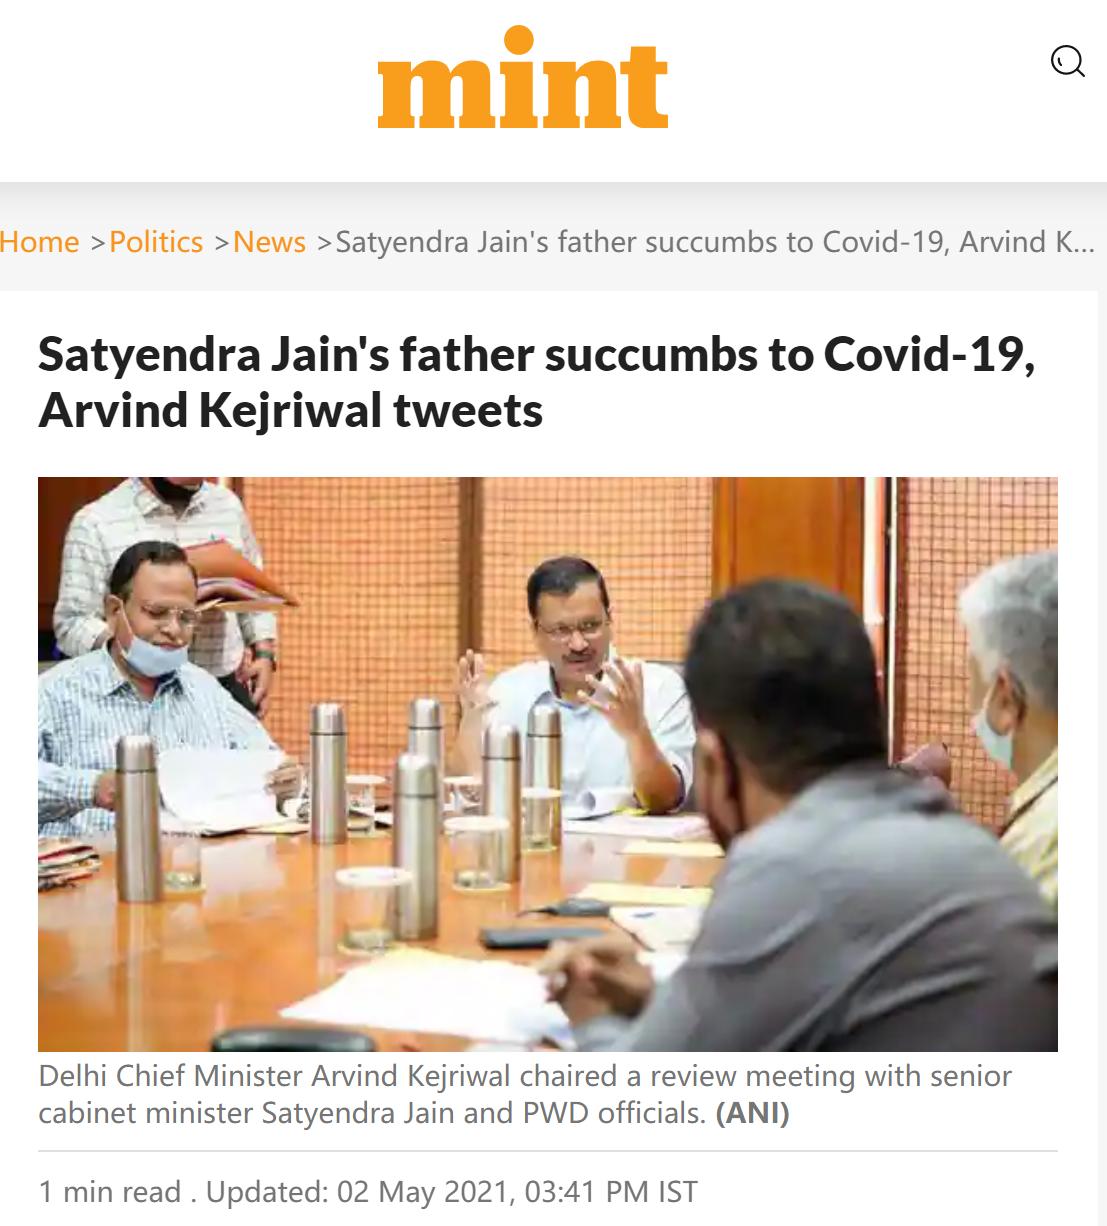 印媒:印度首都地区卫生部长的父亲感染新冠去世